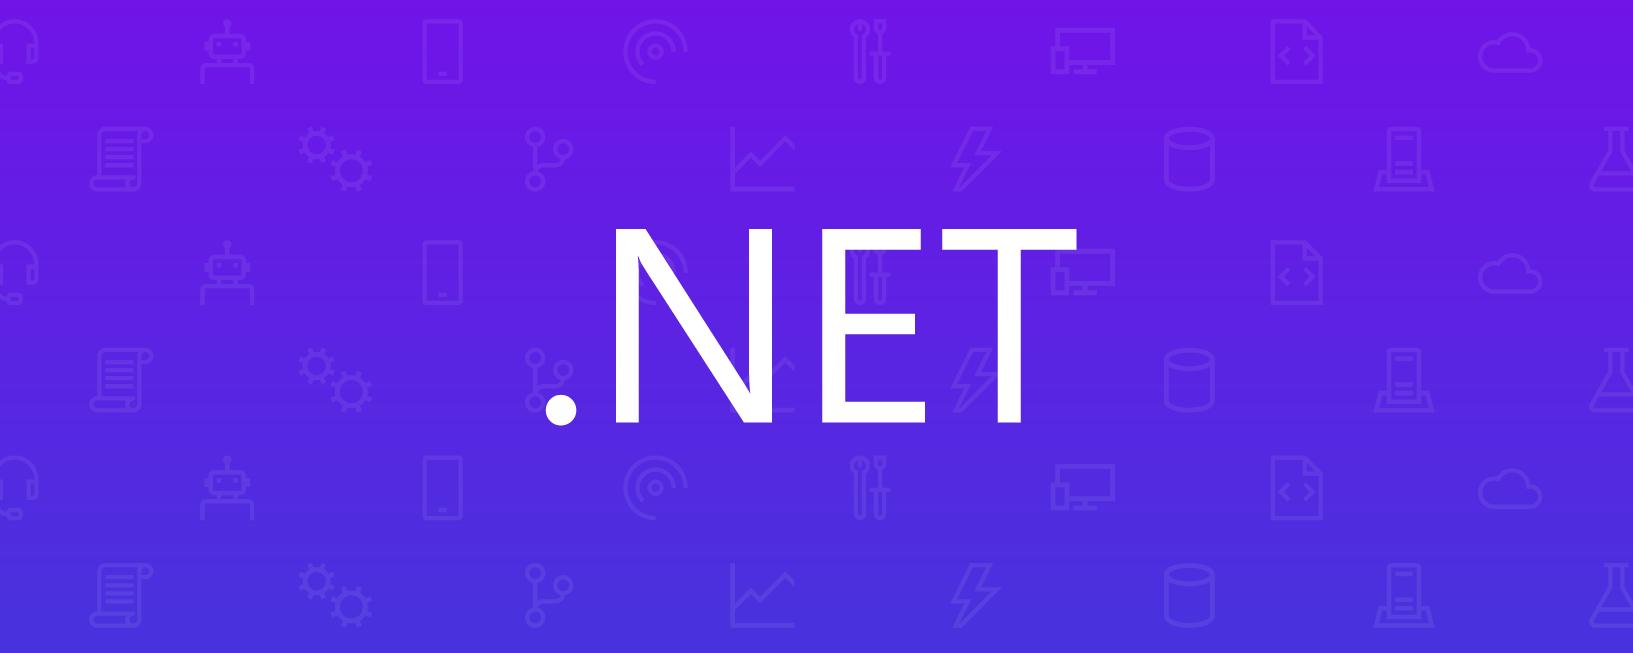 .NET Interactive уже здесь! | .NET Notebooks Preview 2 - 1